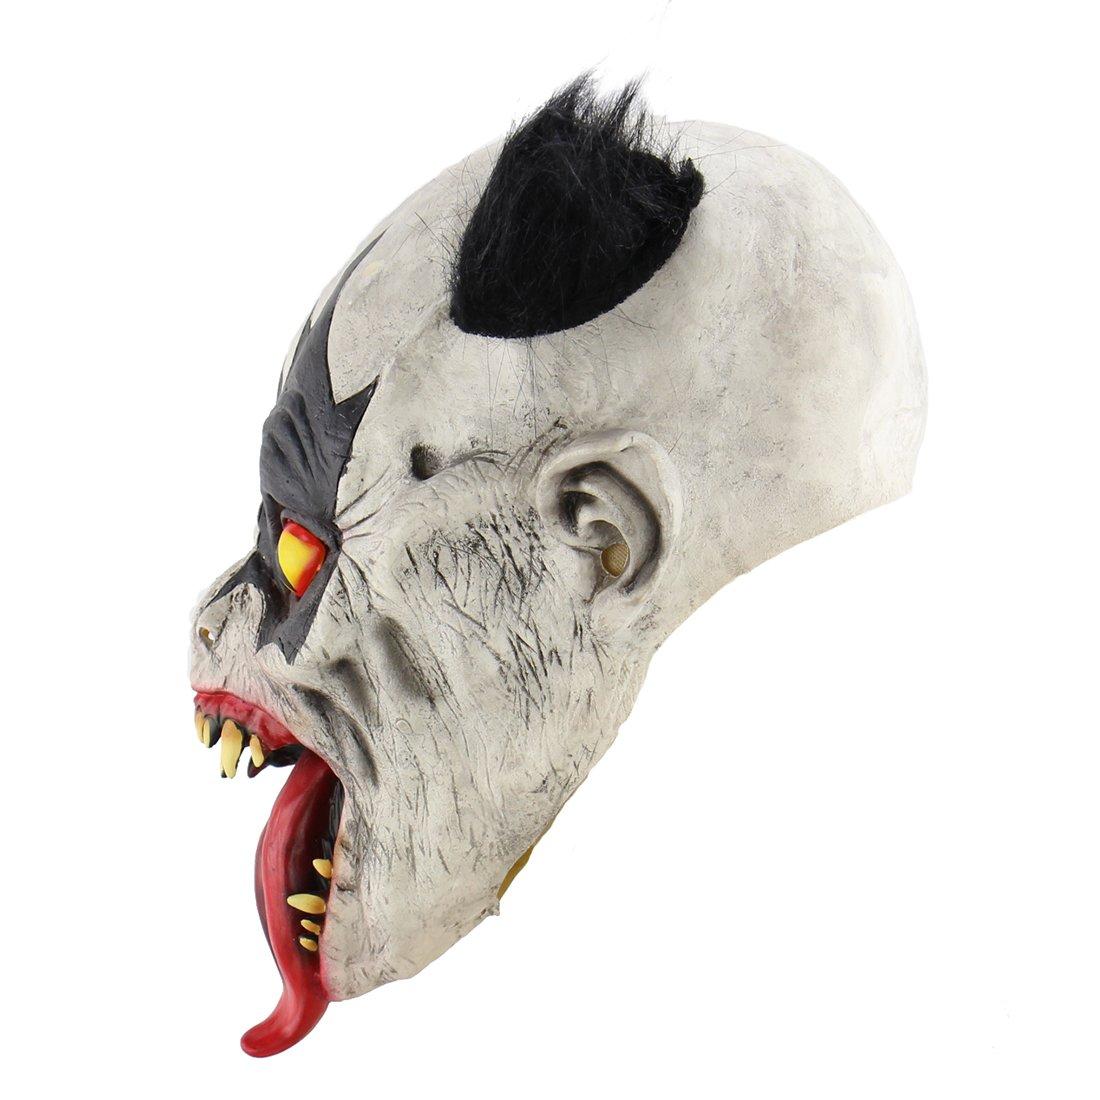 Xiao Chou Ri Ji Scary Halloween Clown mask Costume Party Costume Party Props.